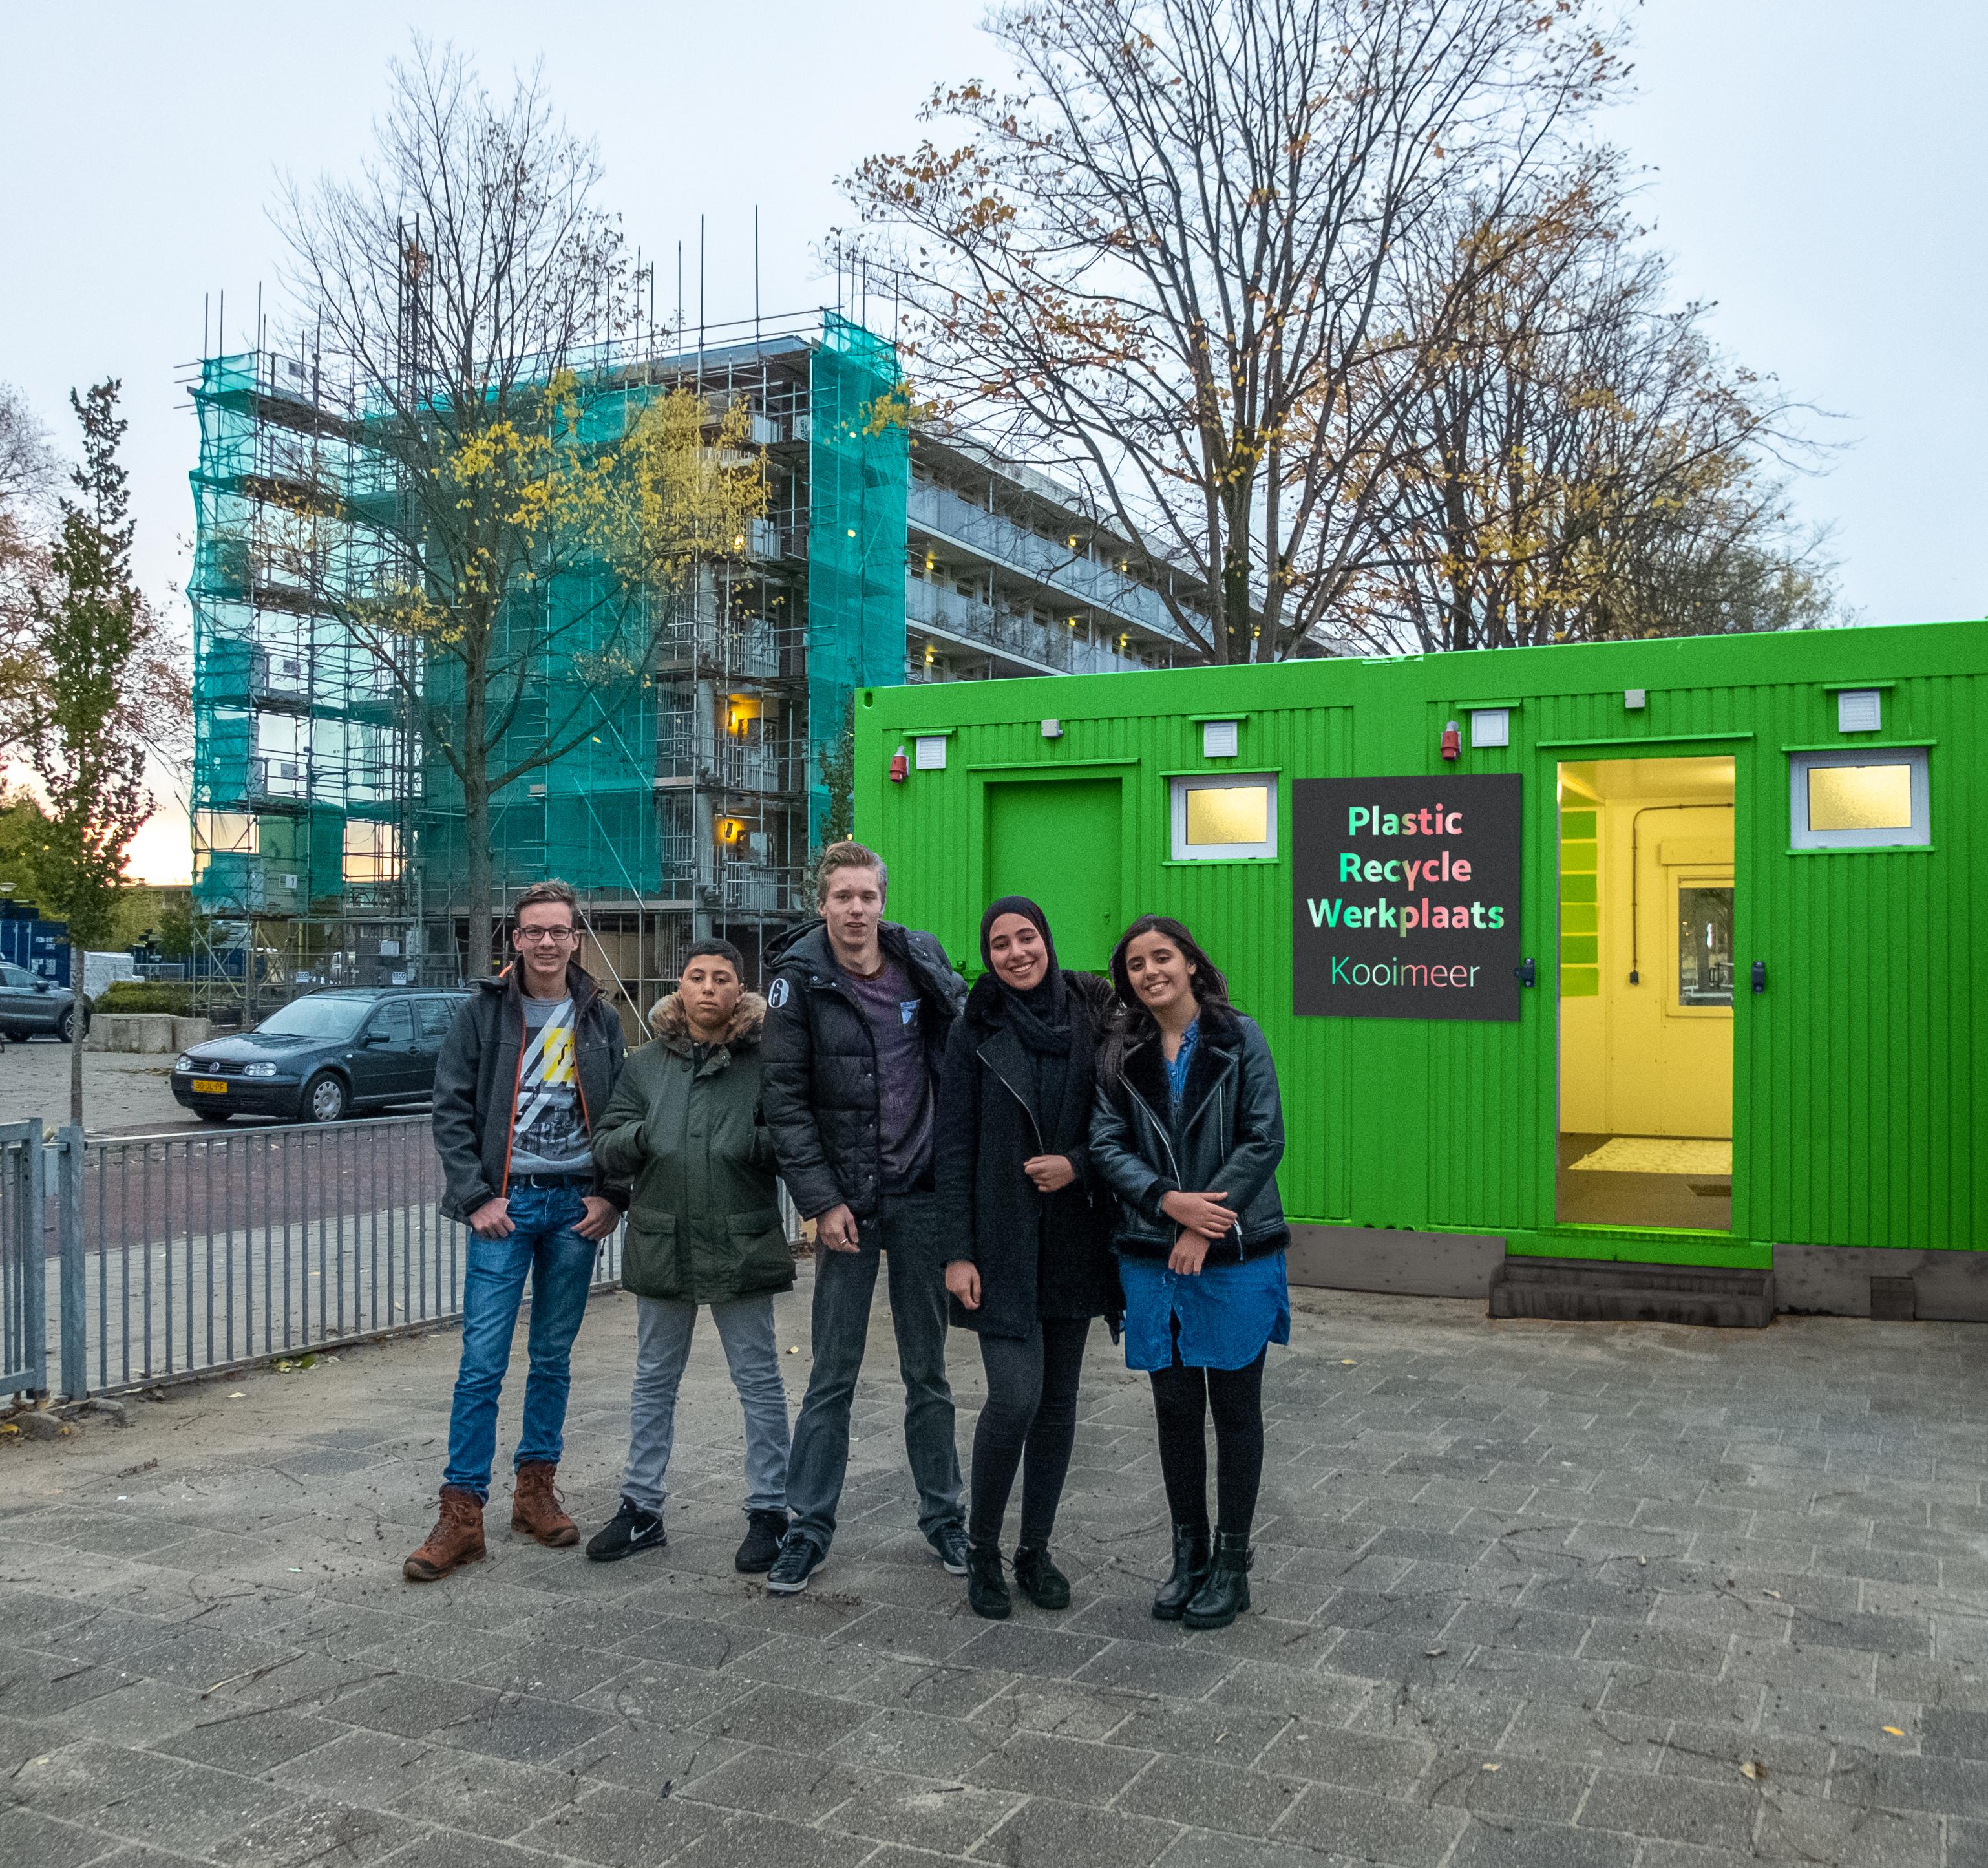 Vijf van de jongeren die deelnemen aan het project, met vlnr: Renzo, Yousri, Tom, Chakira en Hind. (Foto: aangeleverd)